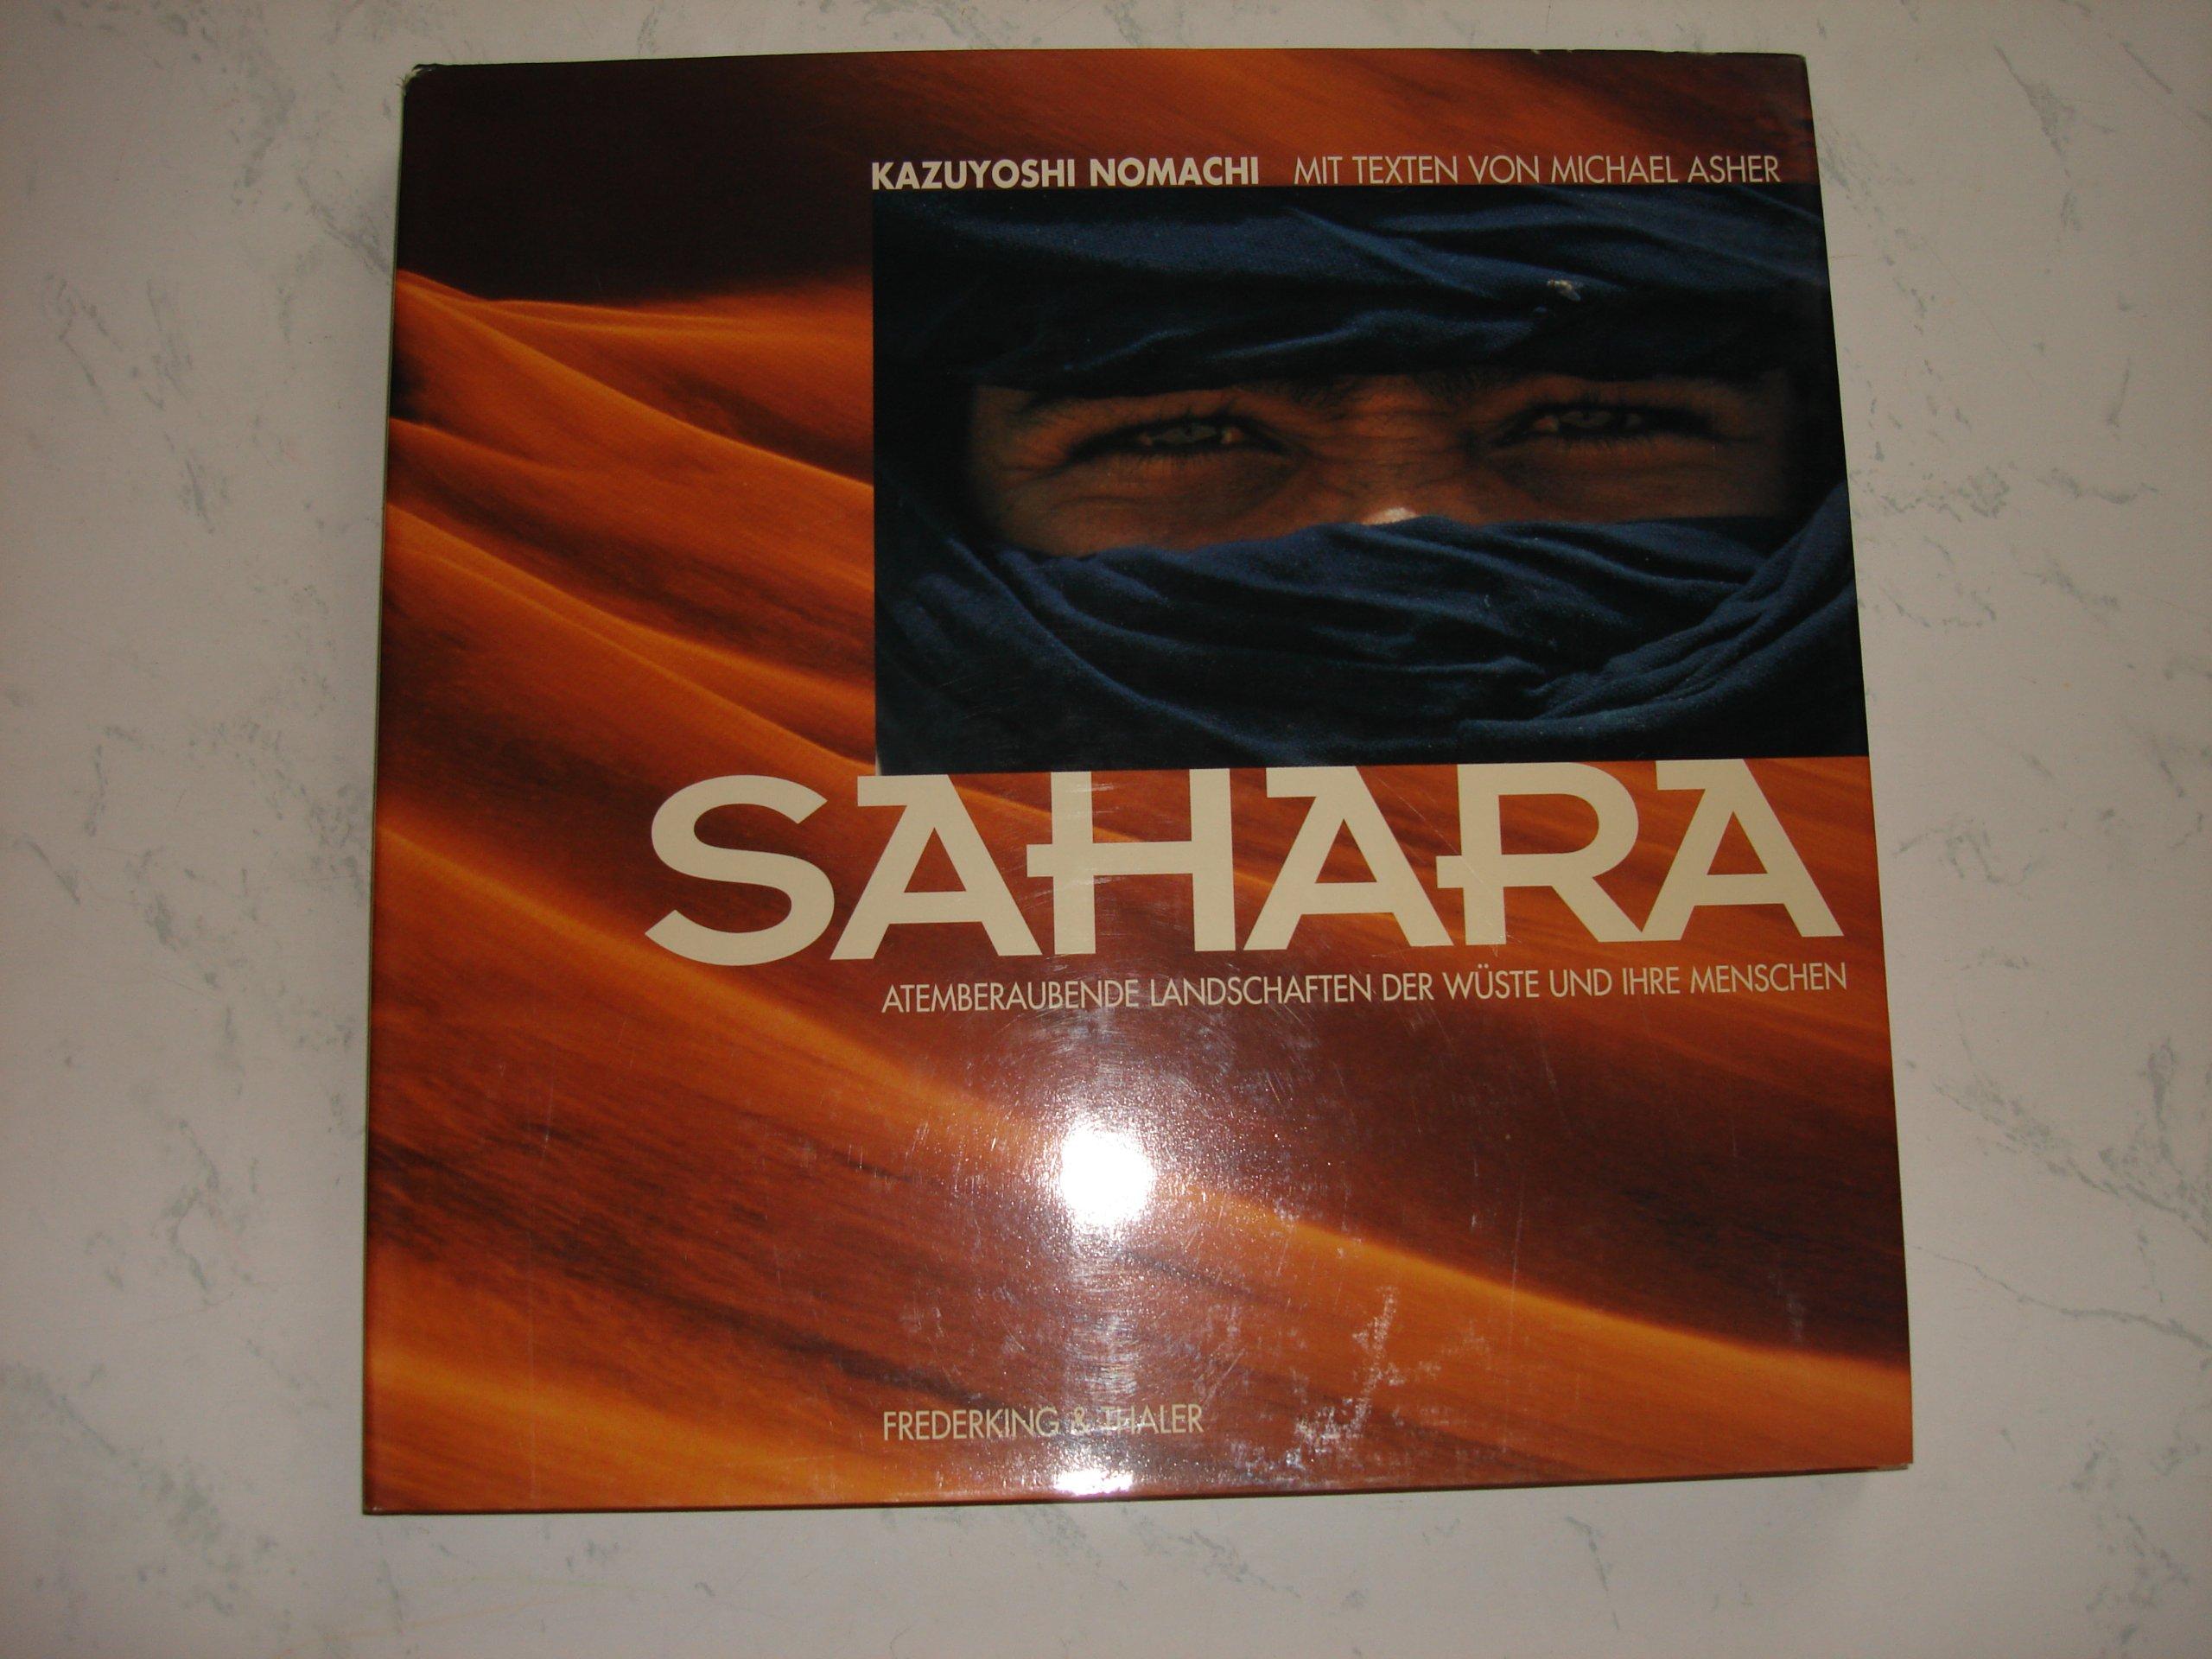 Sahara. Atemberaubende Landschaften der Wüste und ihre Menschen